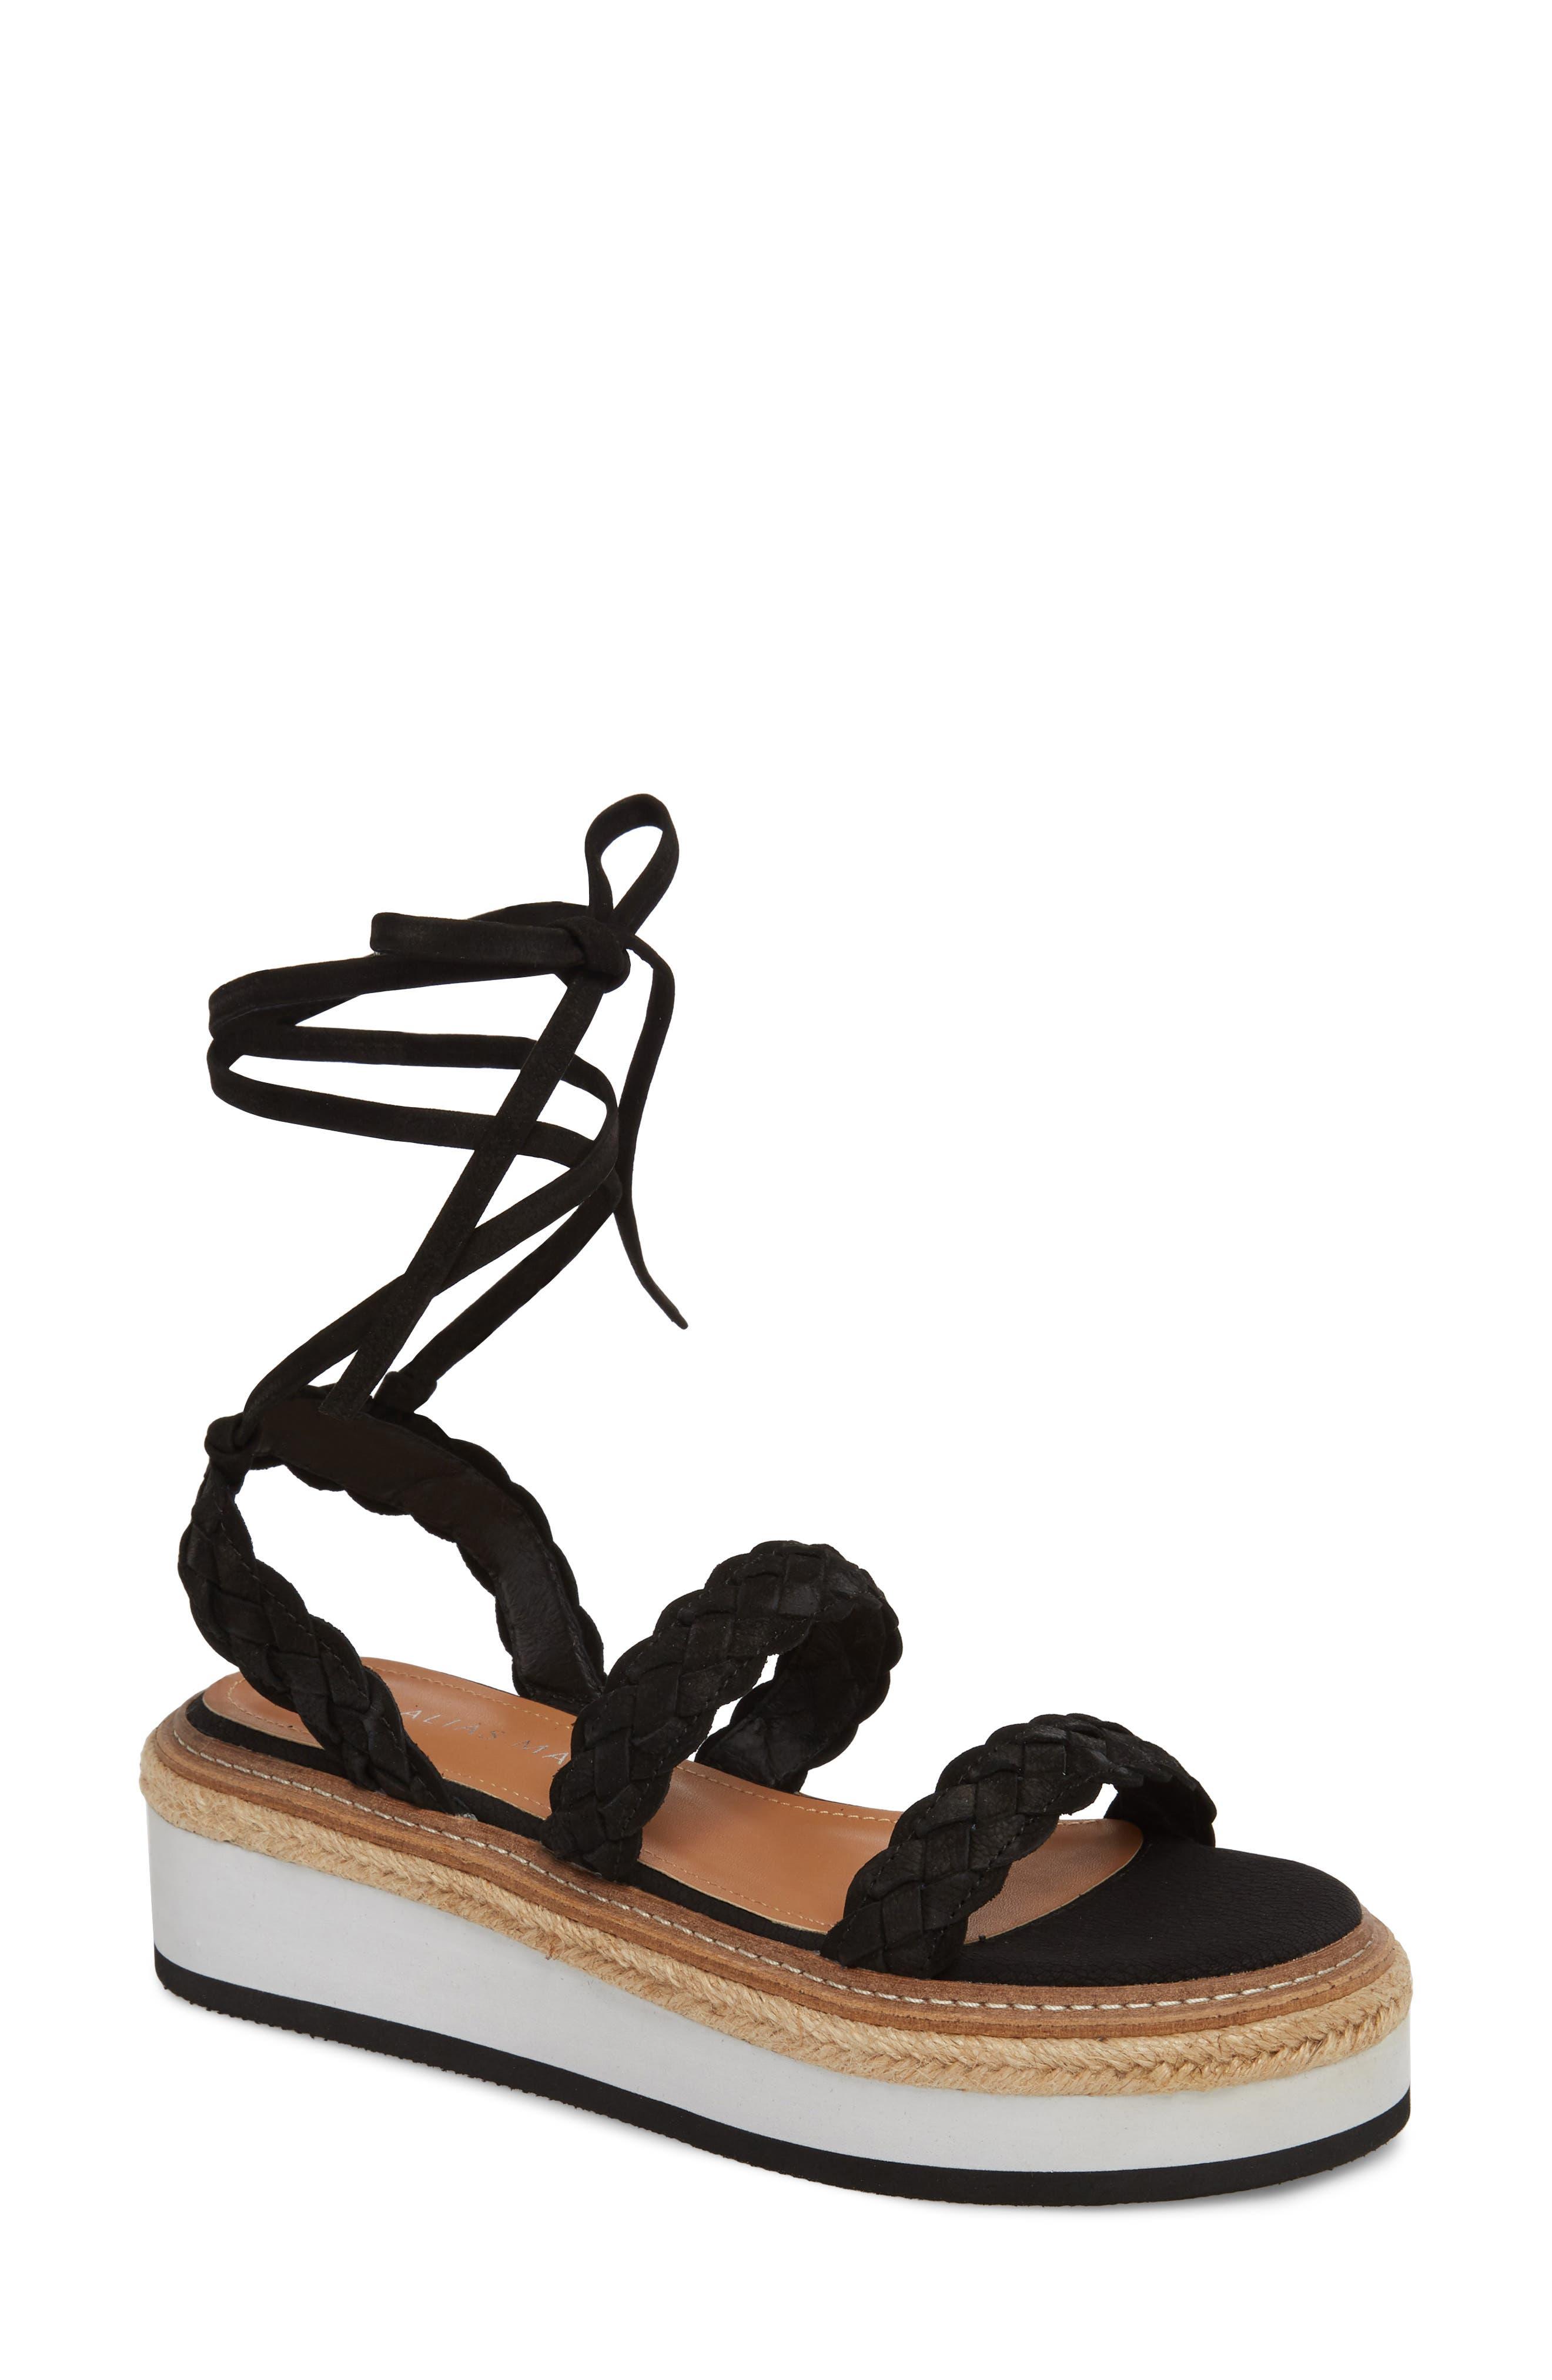 Nieve Braided Platform Sandal,                             Main thumbnail 1, color,                             001